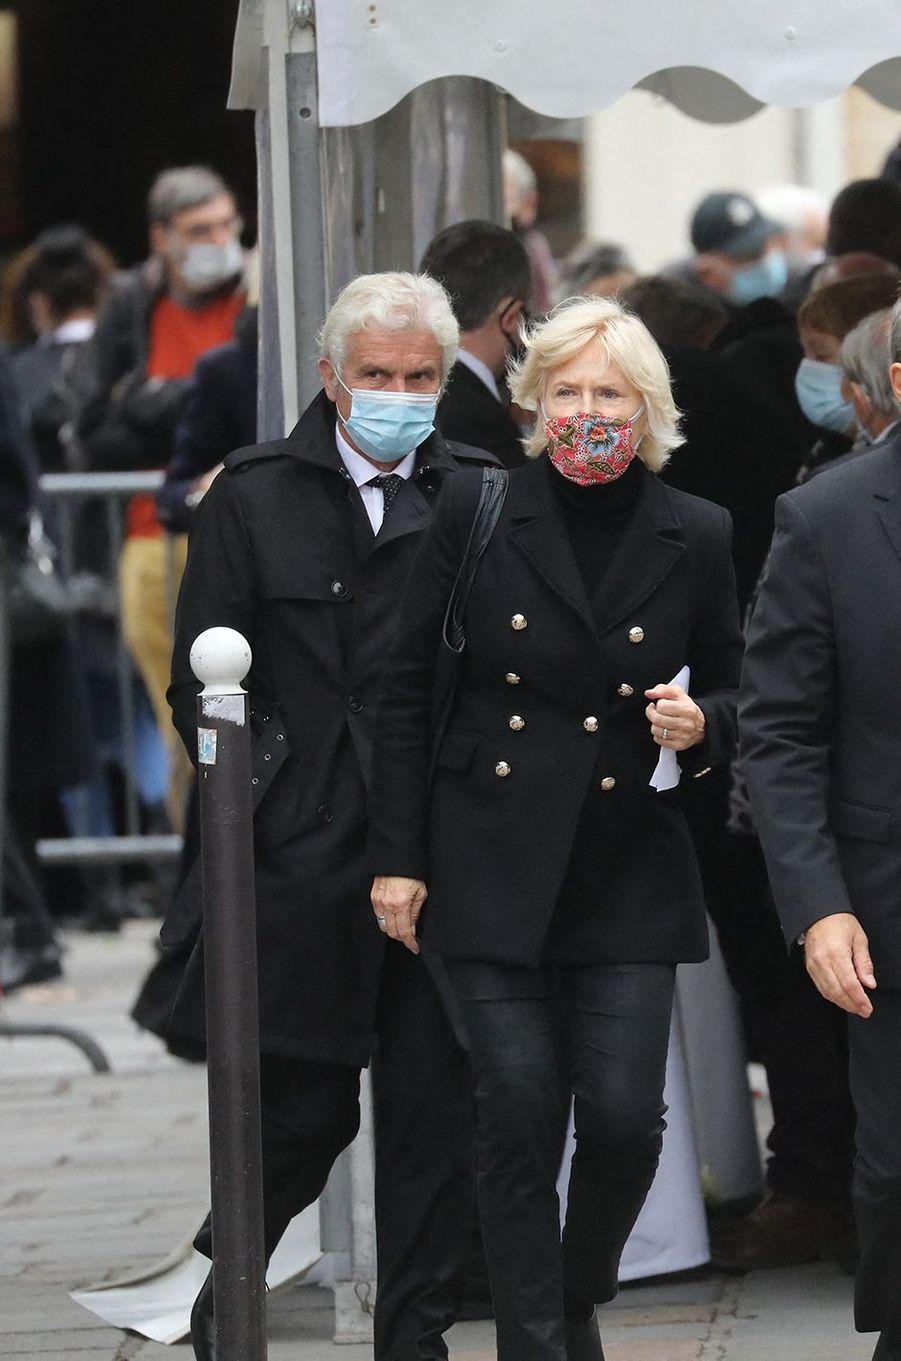 Claude Sérillon et Catherine Ceylacaux obsèques de Juliette Gréco à Paris le 5 octobre 2020